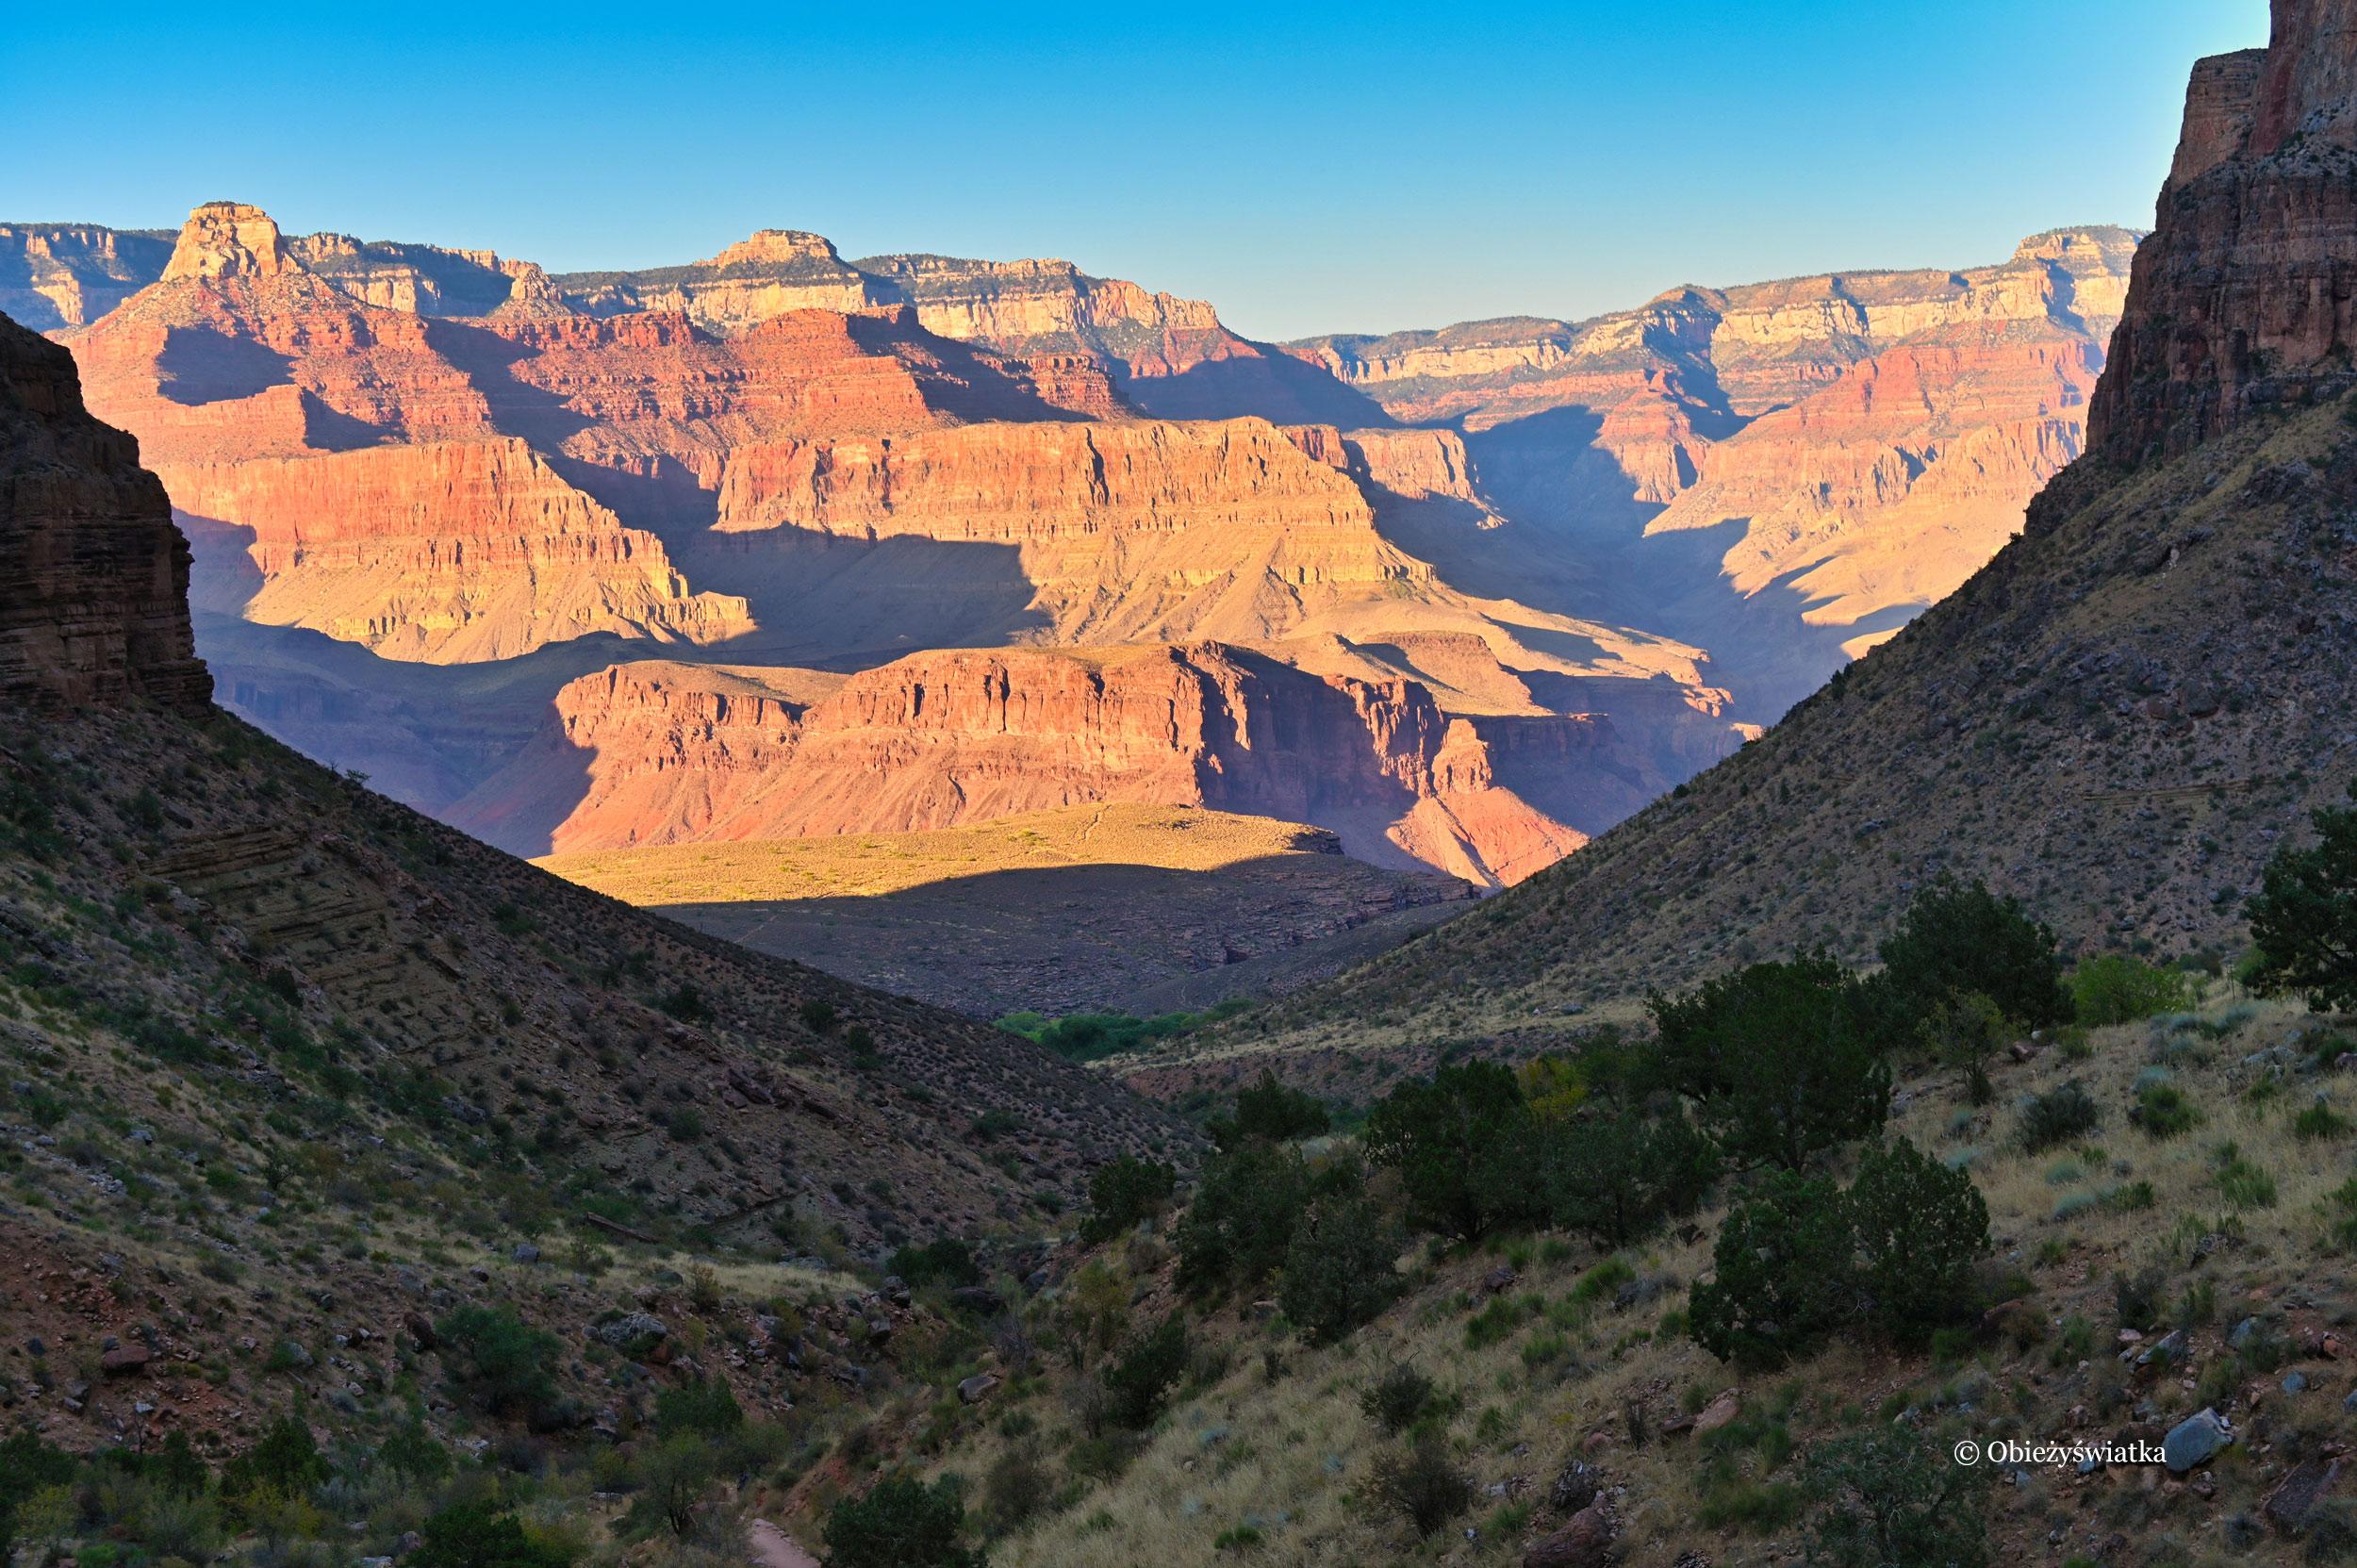 Wielki Kanion w promieniach zachodzącego słońca, Bright Angel Trail, Arizona